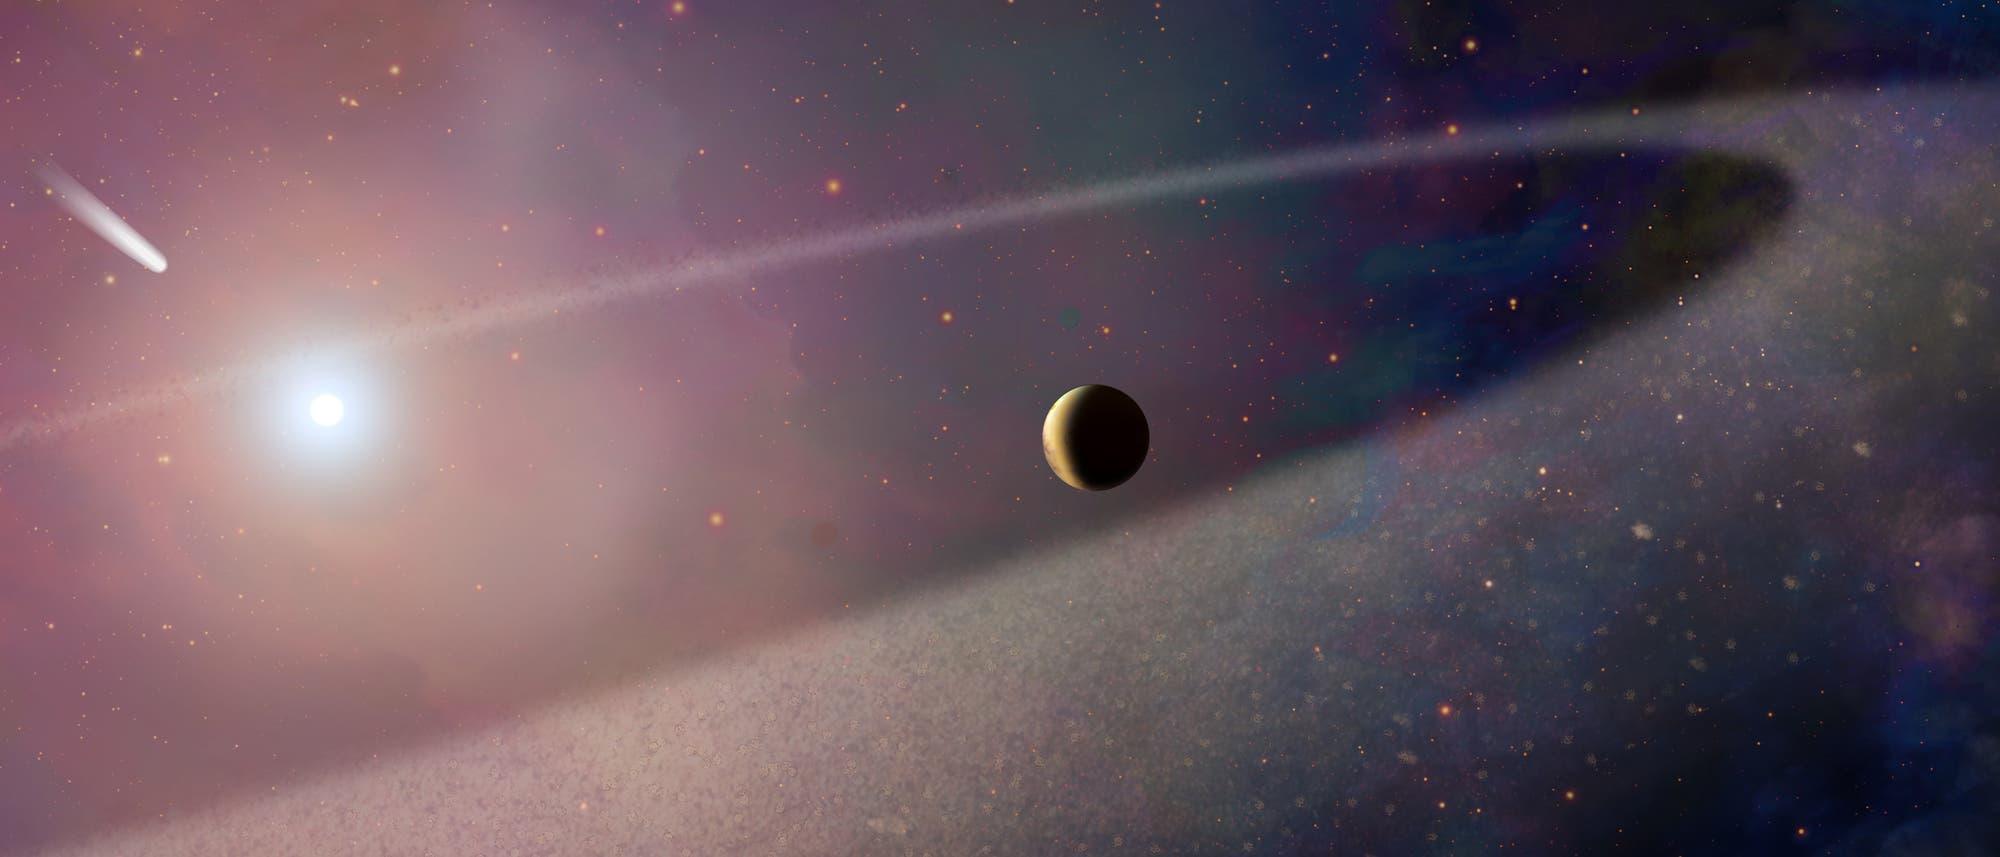 Komet nähert sich Weißem Zwerg (künstlerische Darstellung)